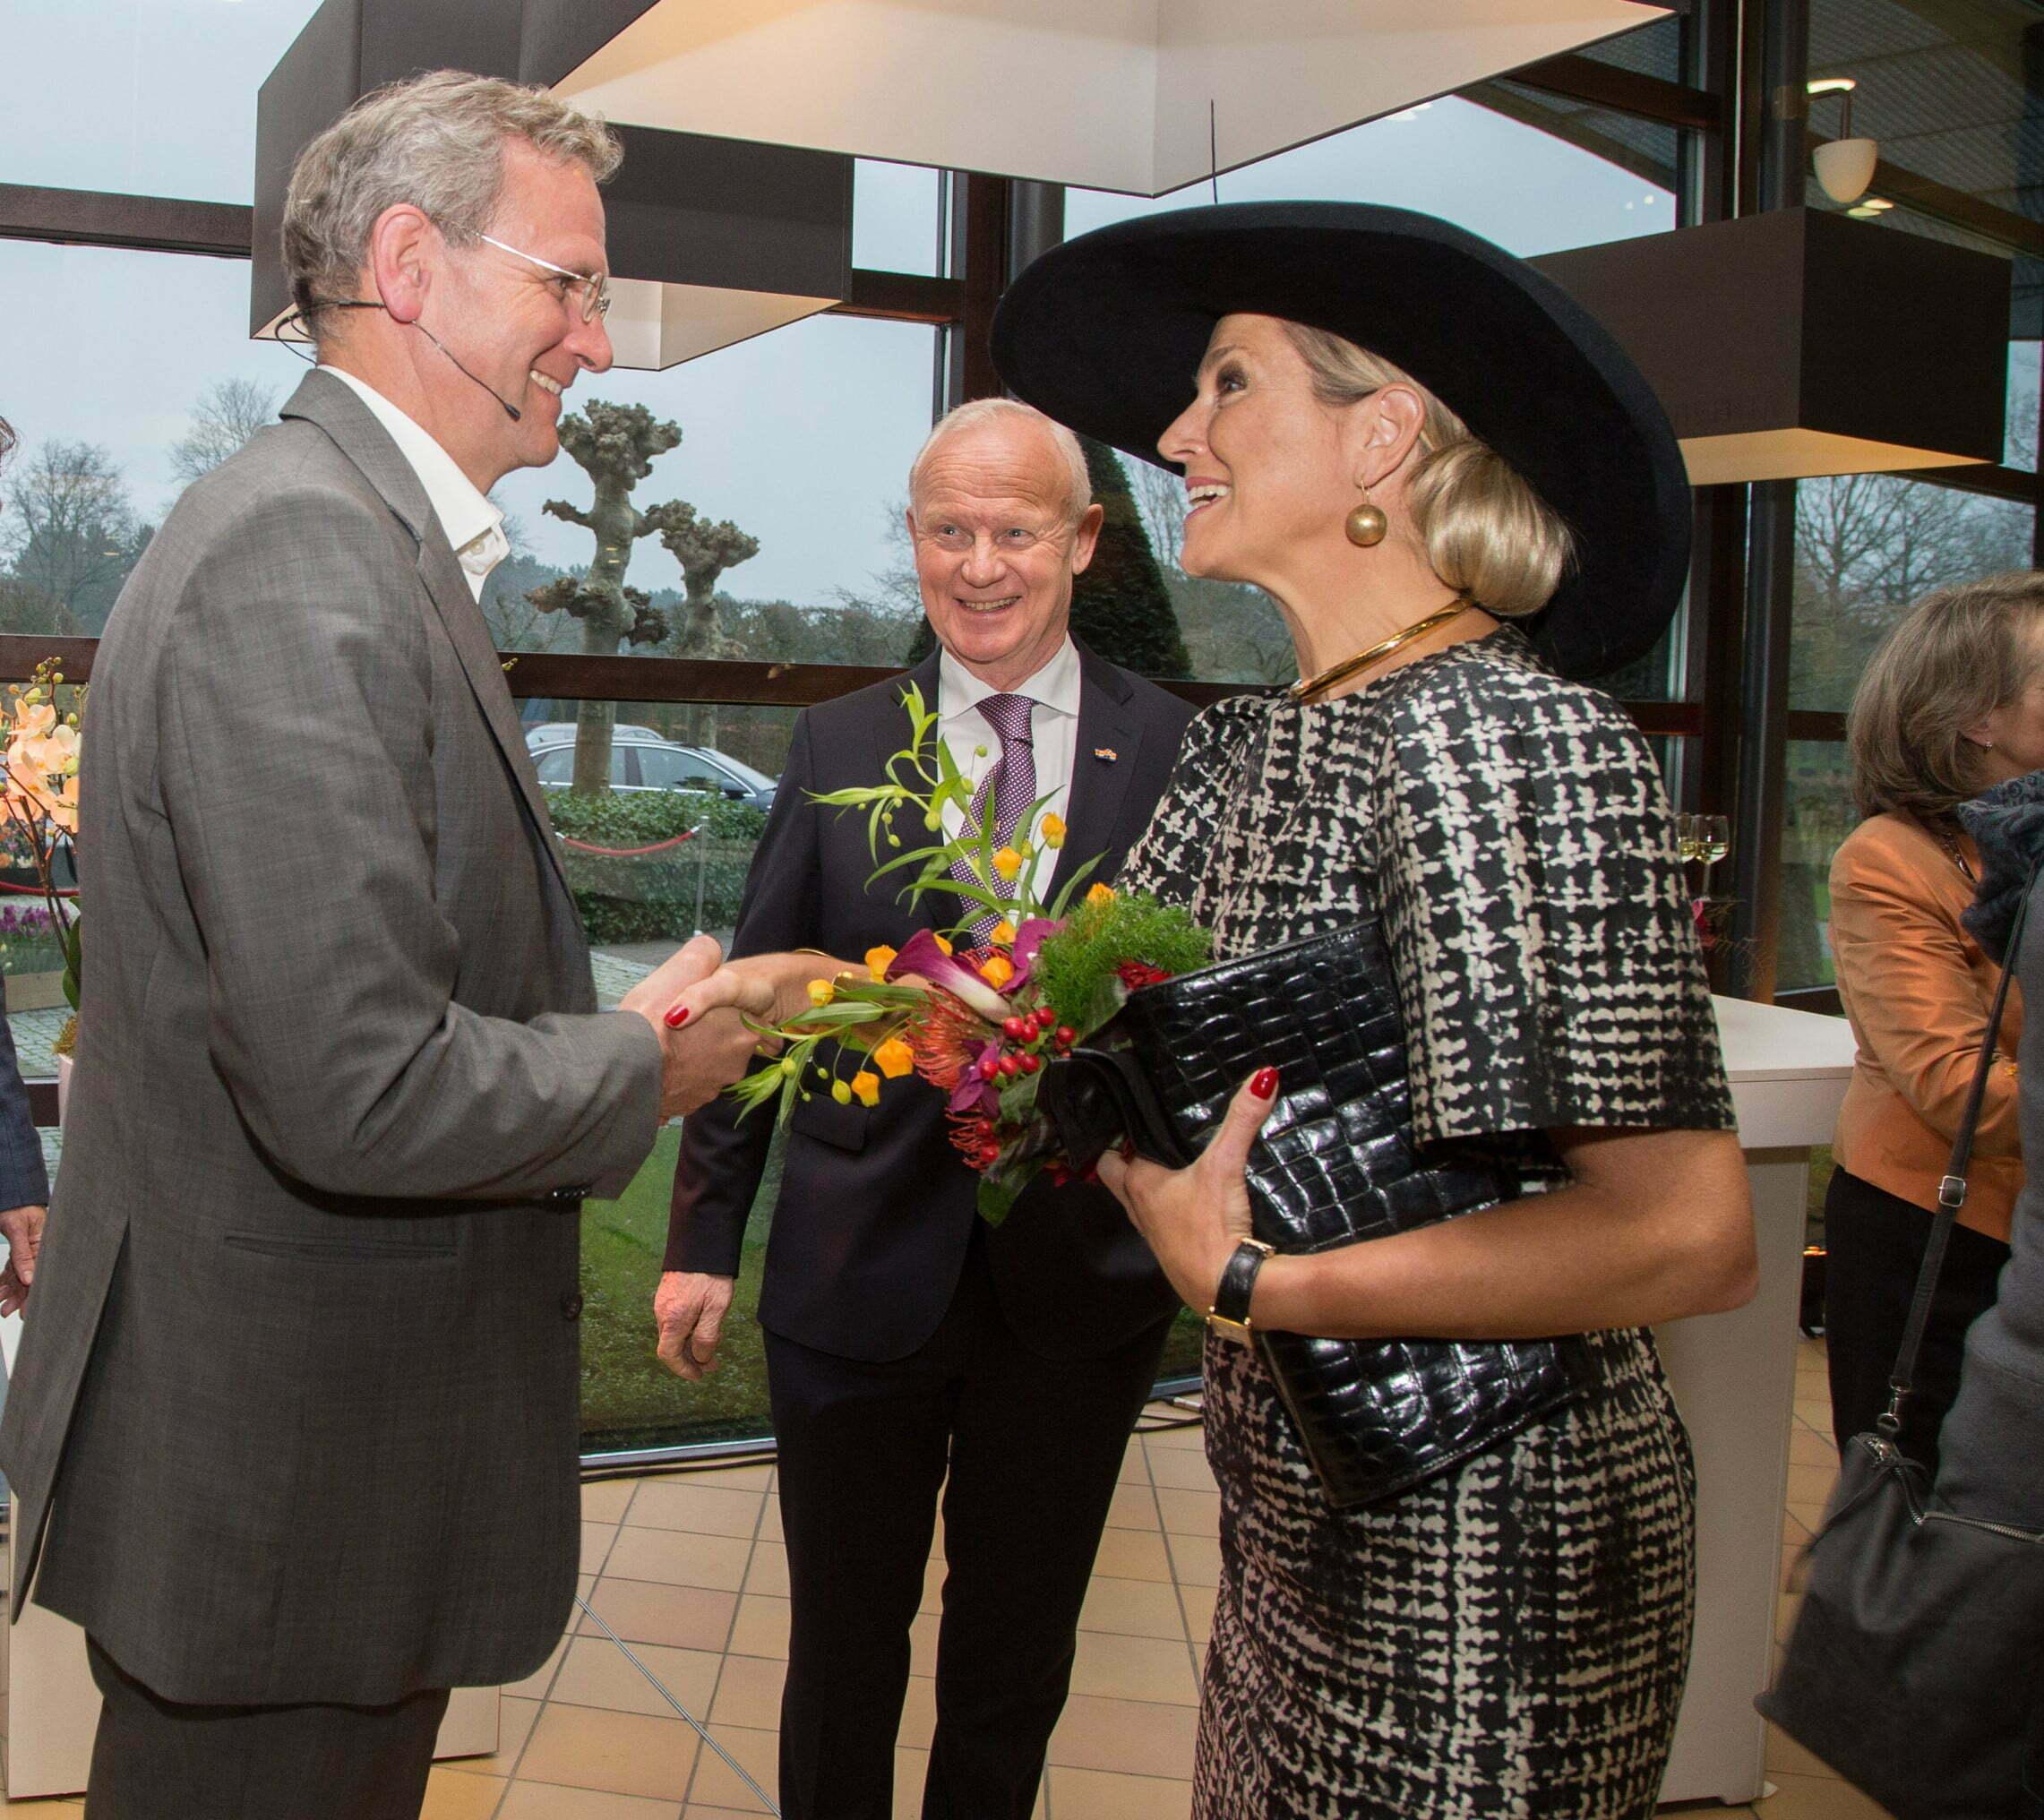 Koningin Máxima reikt prijs voor duurzaam ondernemerschap uit